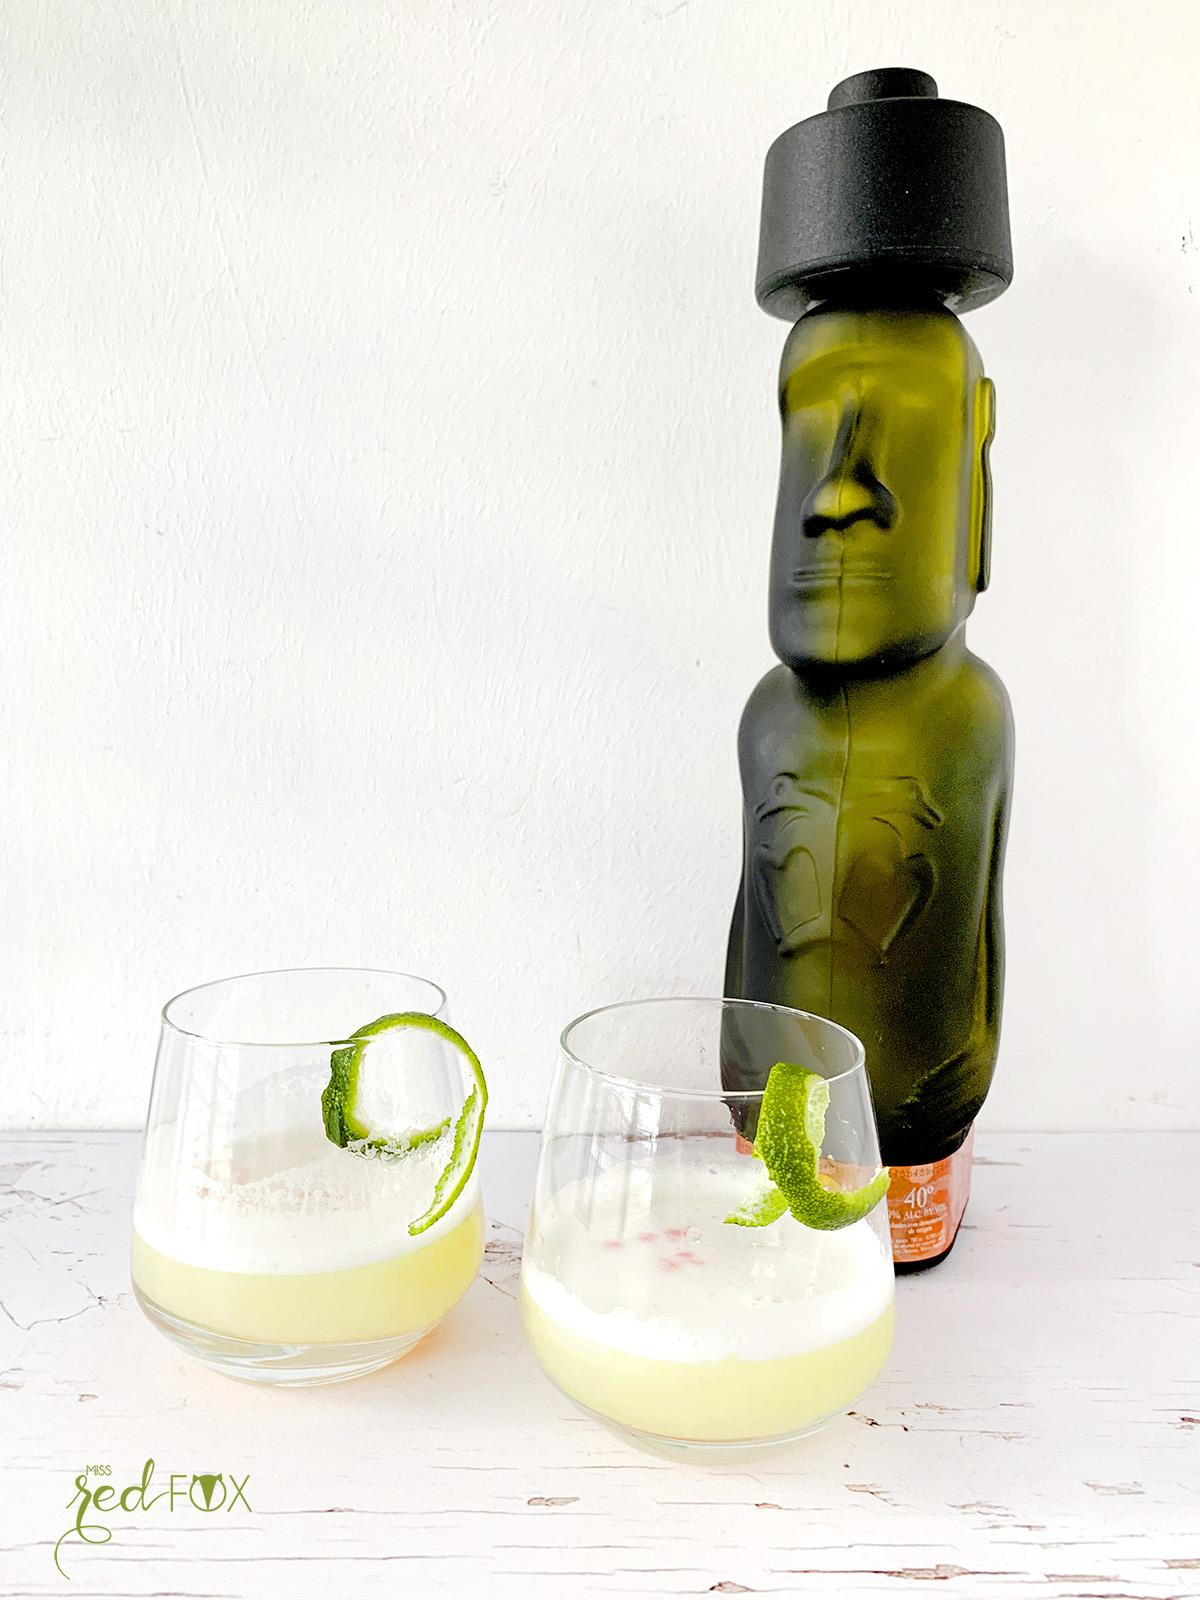 missredfox - Pisco Sour Cocktail - 2